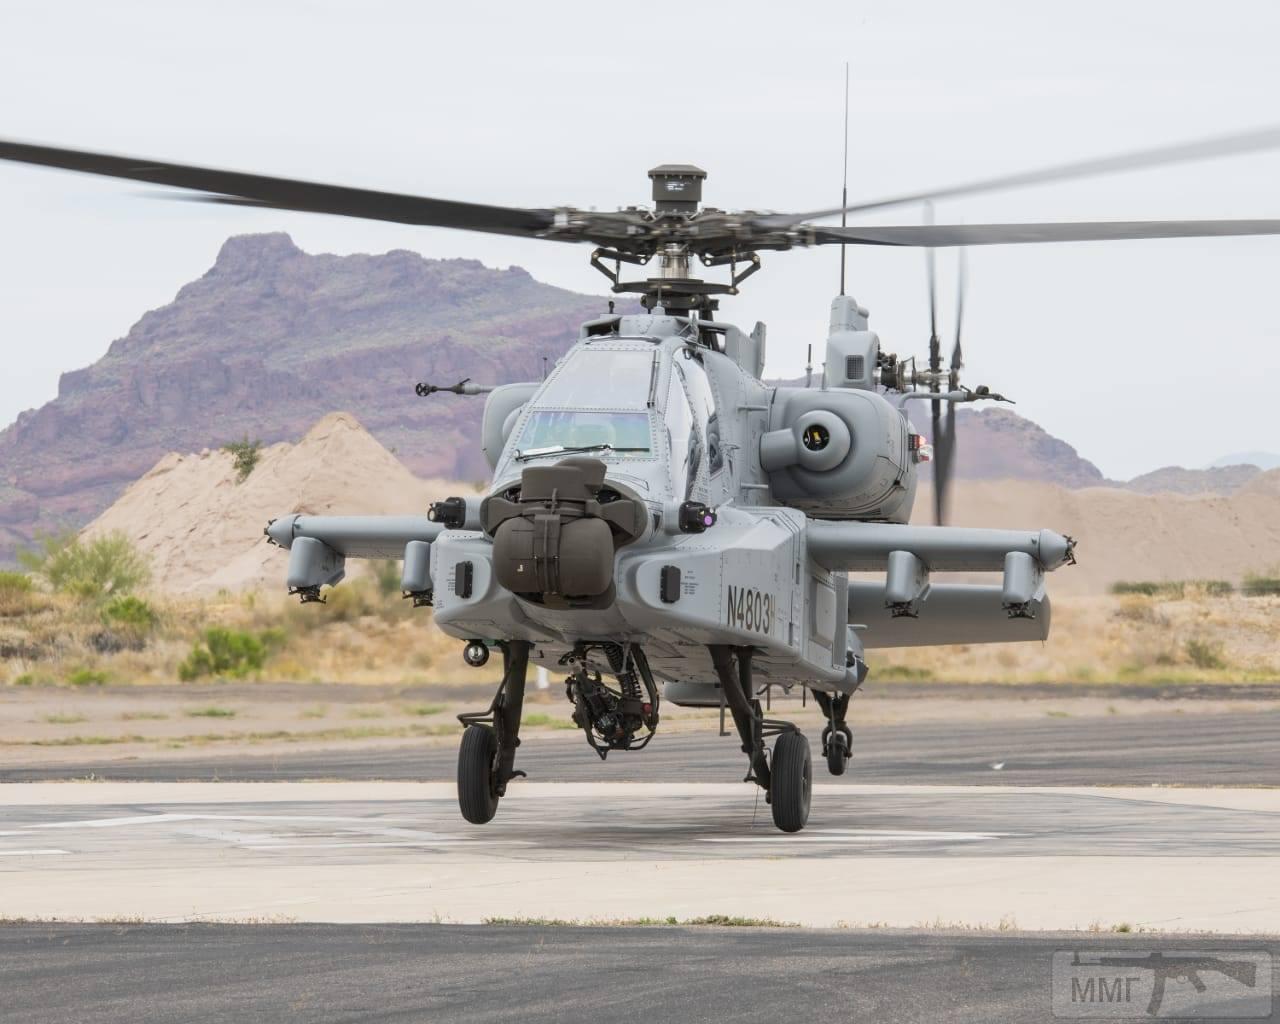 106898 - Красивые фото и видео боевых самолетов и вертолетов